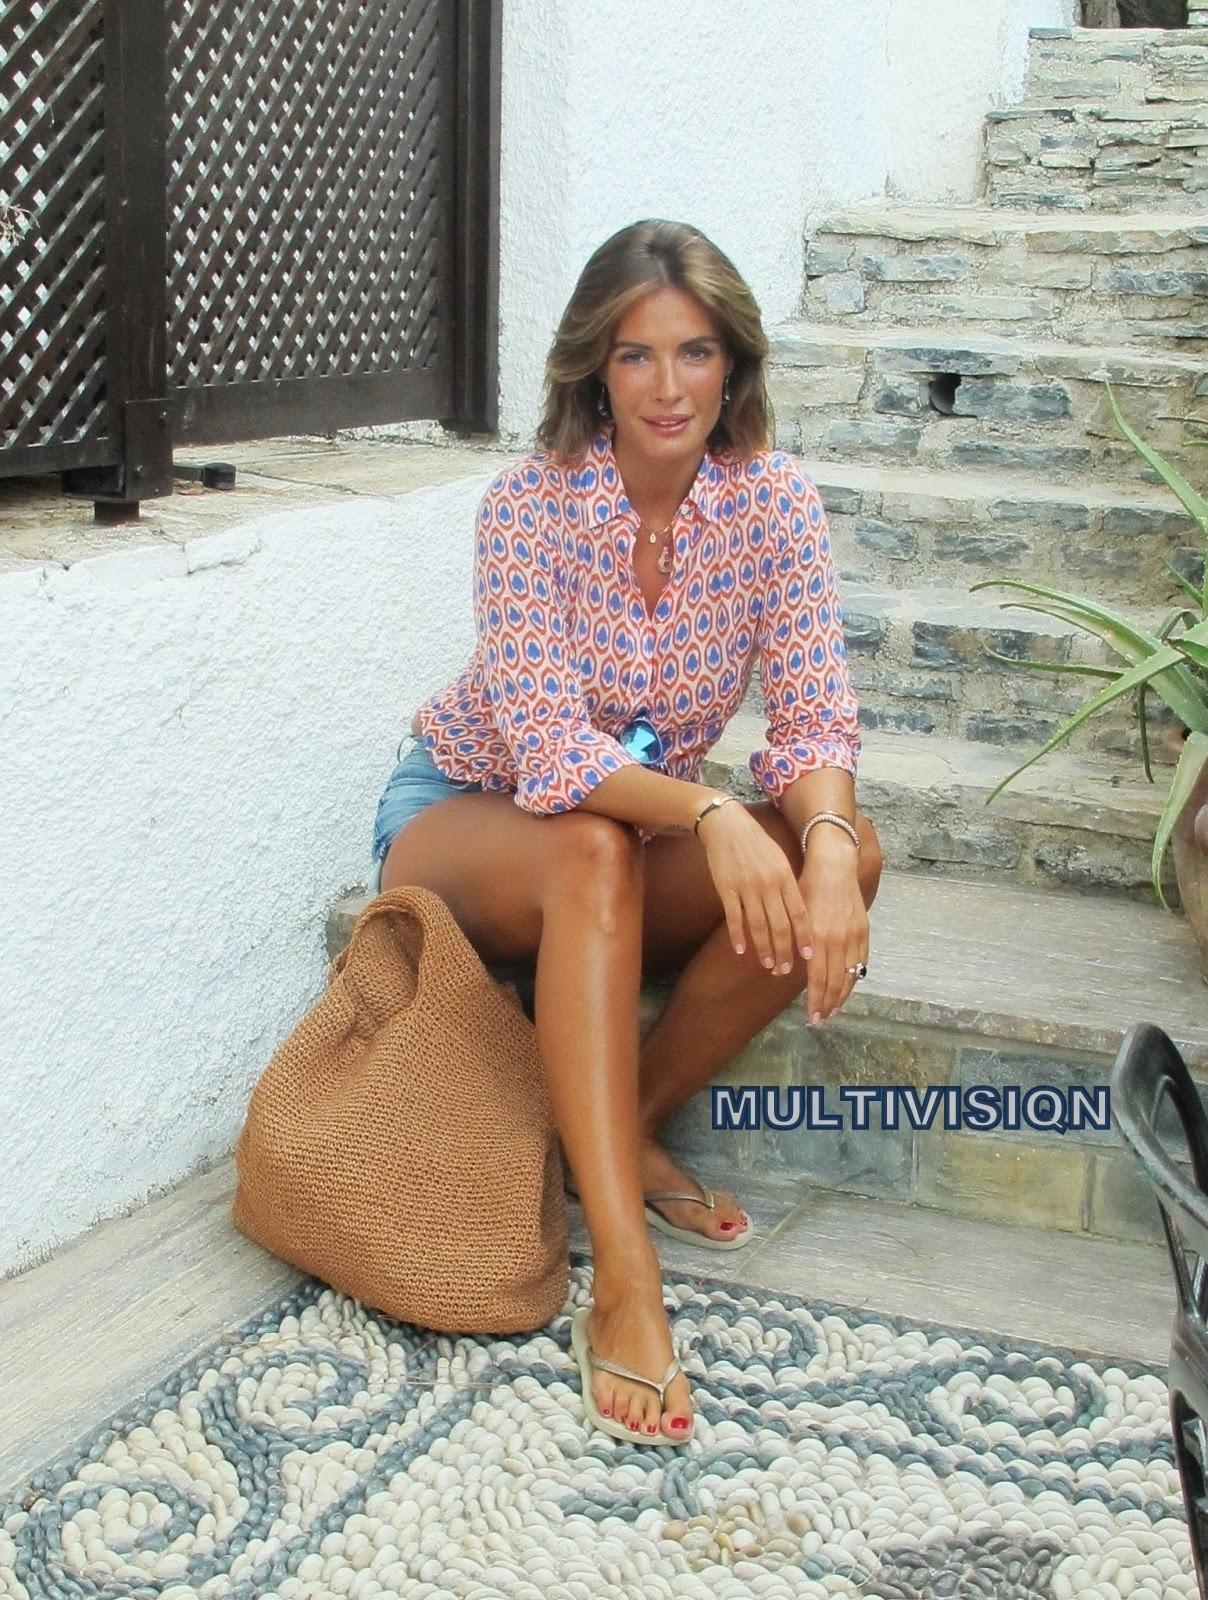 Daniella monet soles - 1 part 4